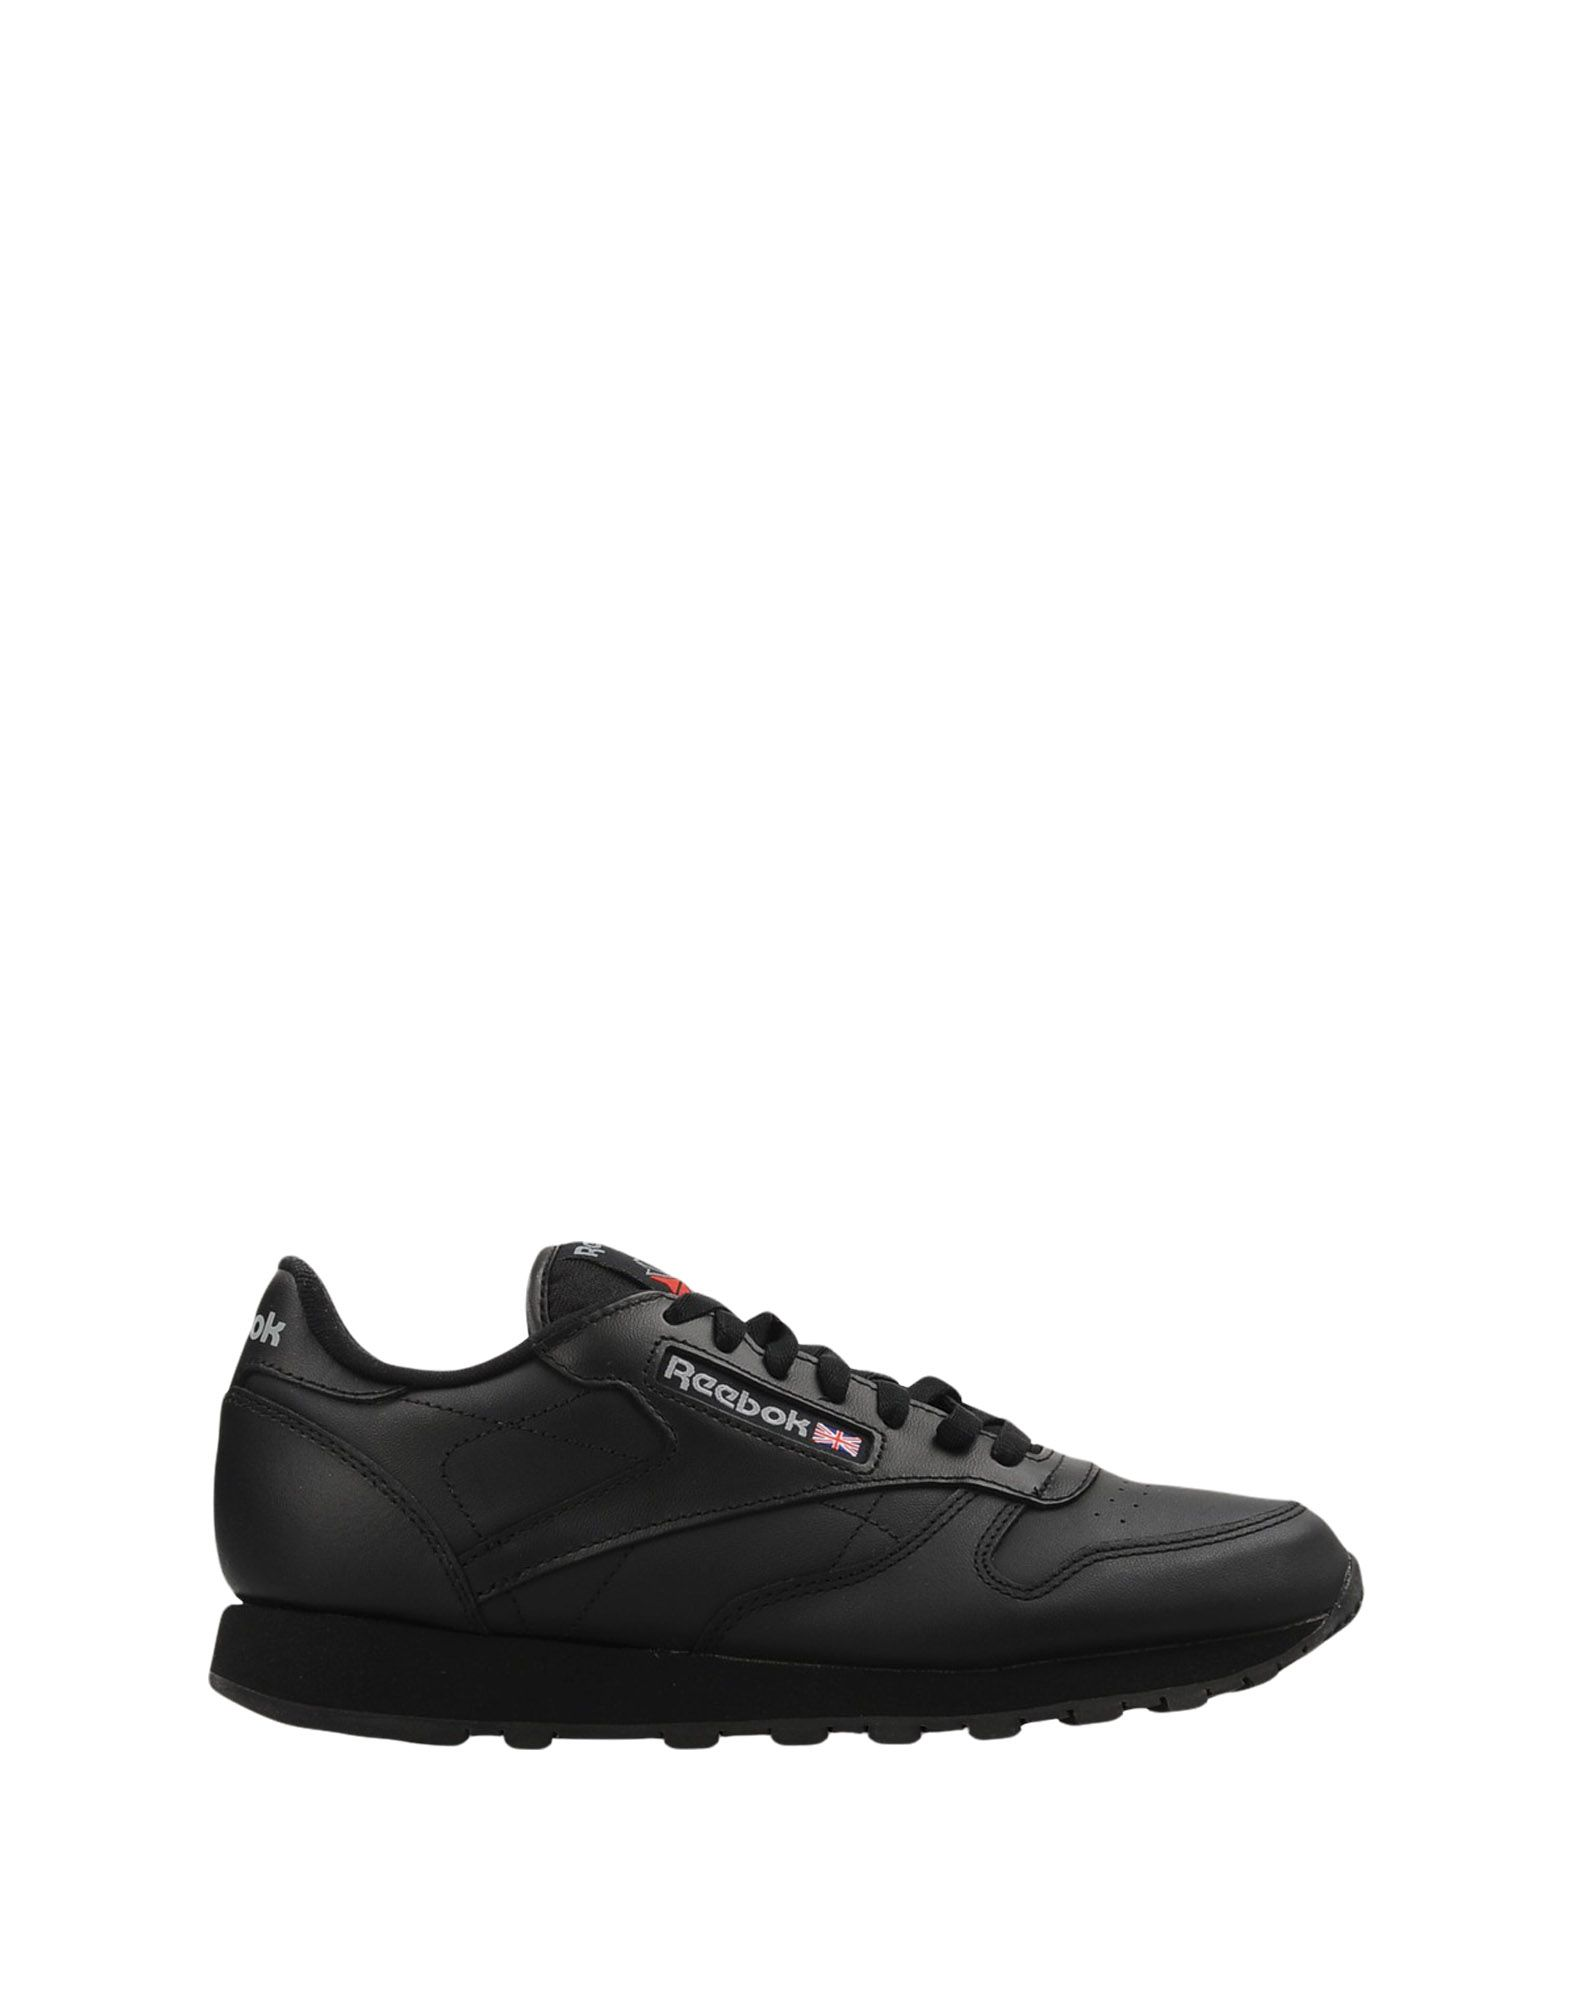 Reebok Cl Lthr - Sneakers - Men Reebok Reebok Reebok Sneakers online on  United Kingdom - 11443458AF 22db27